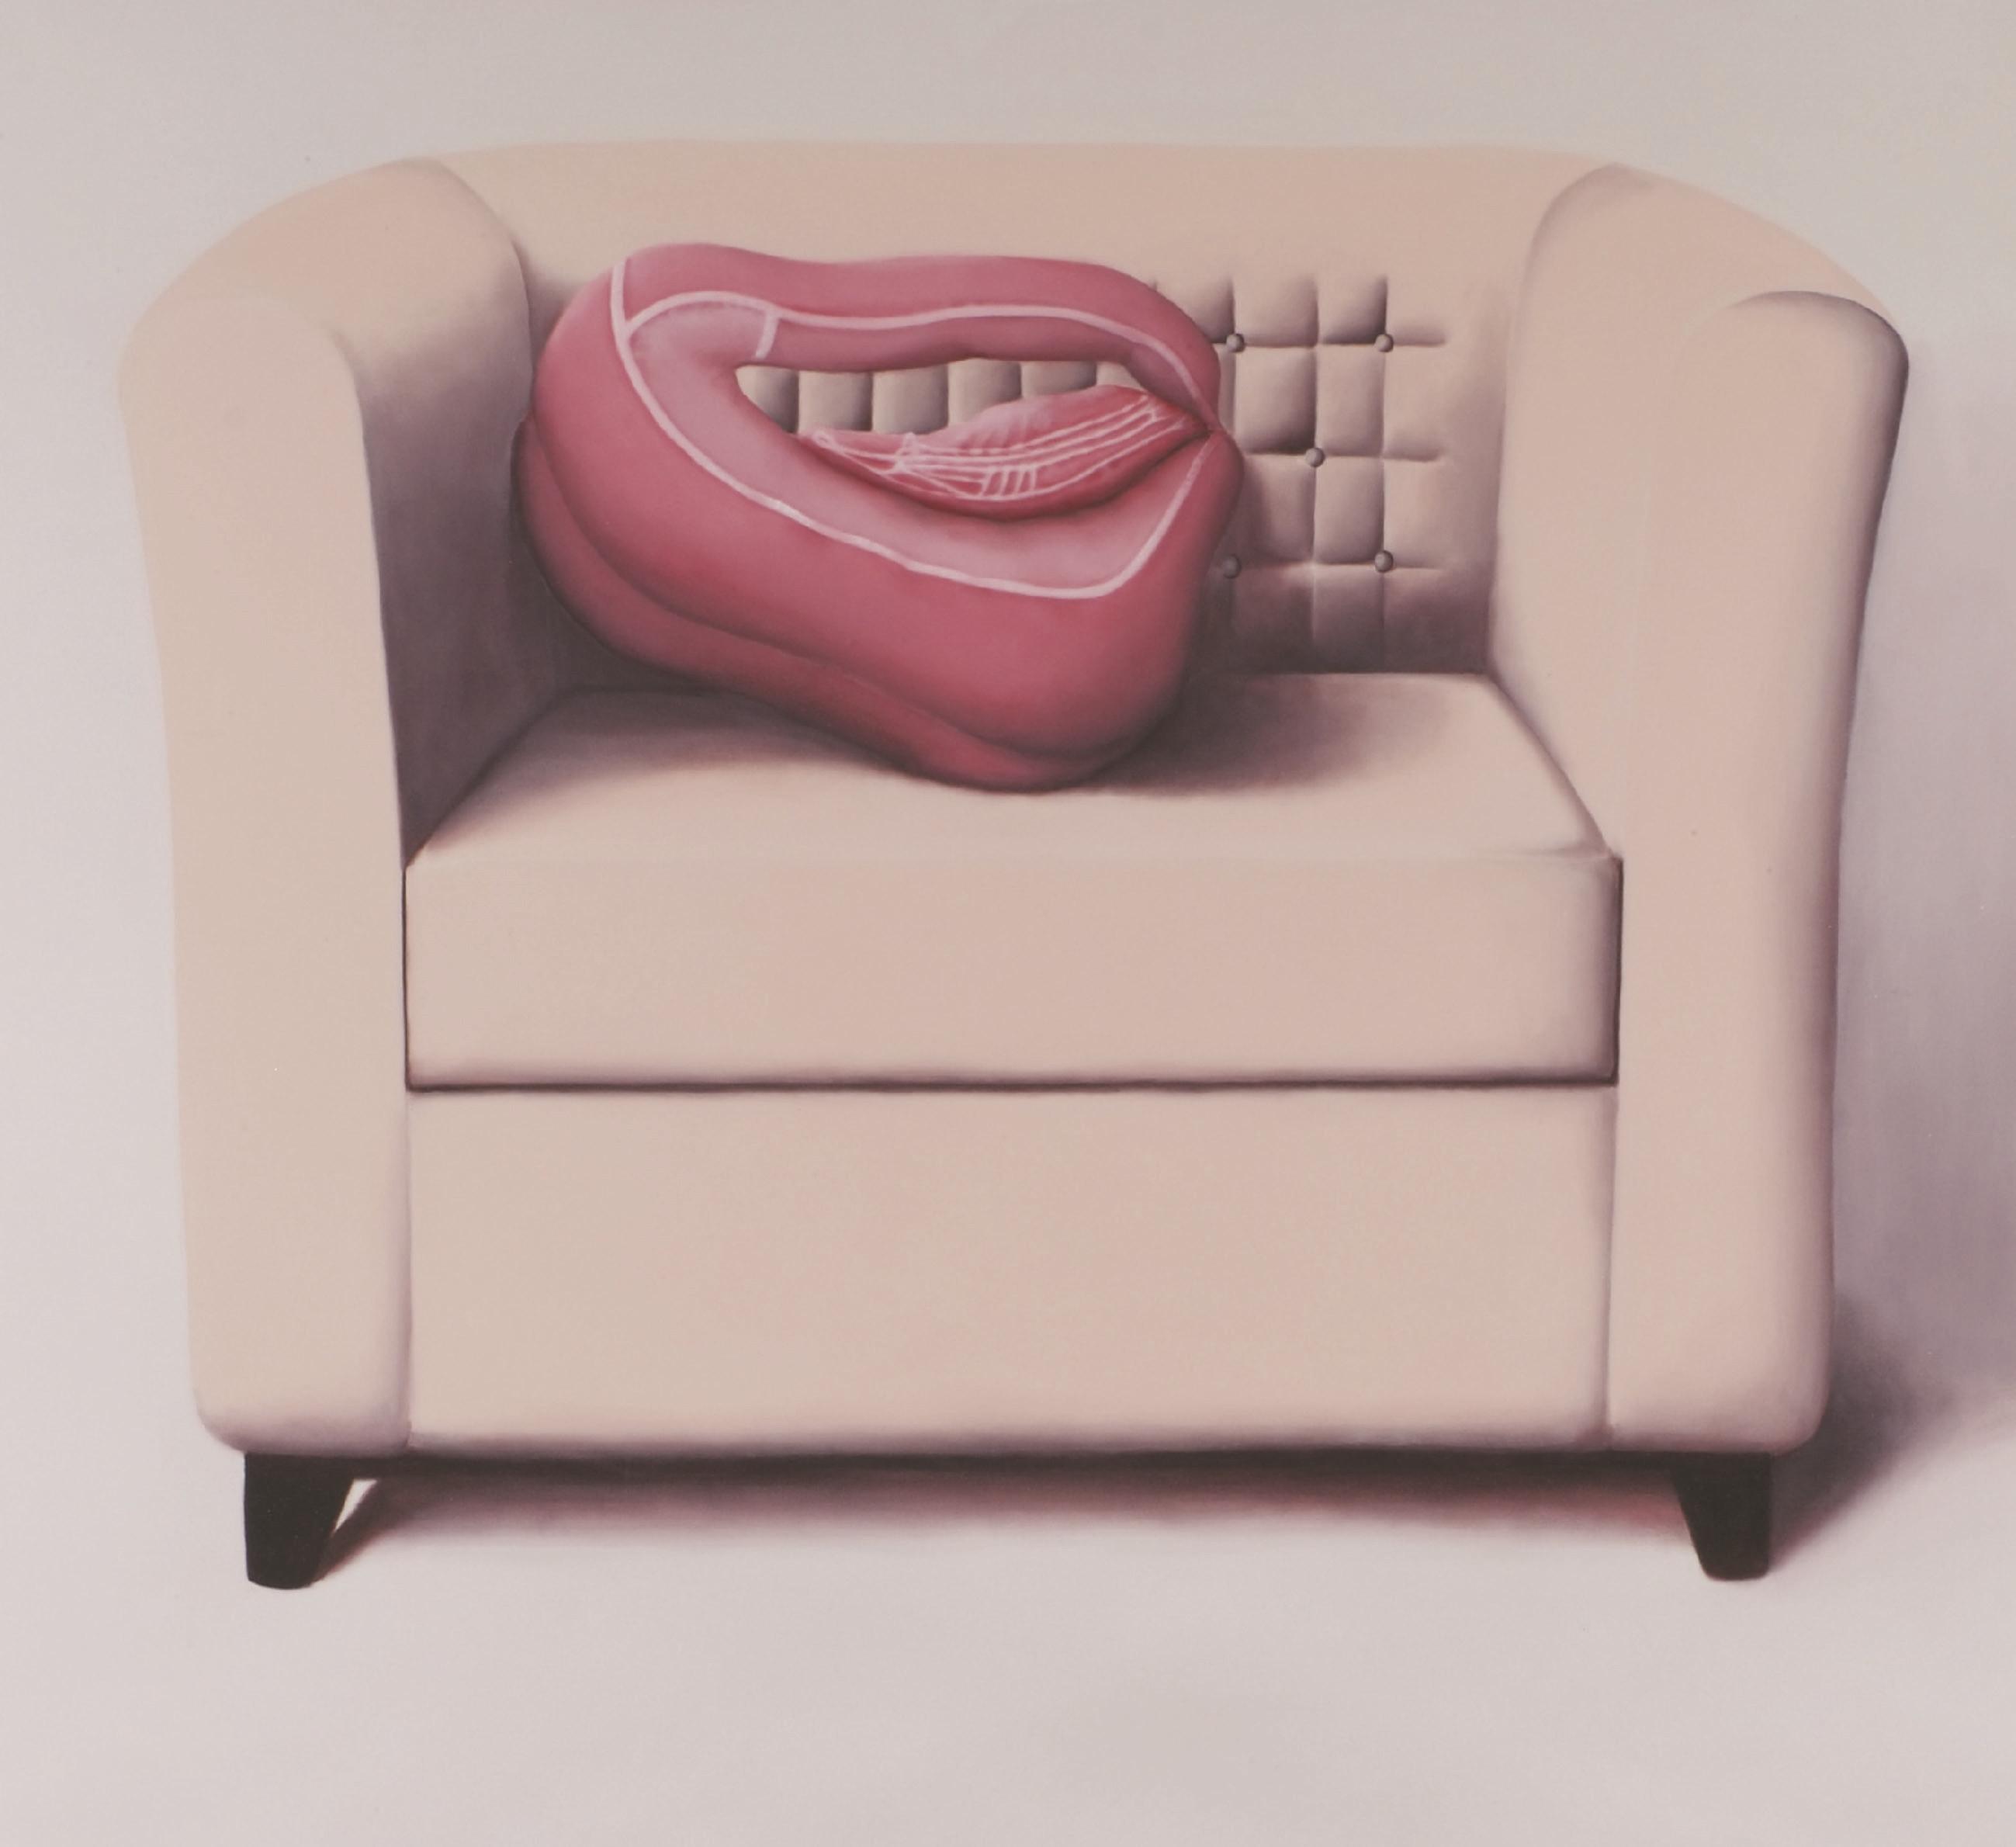 Pose no. 6: Sofa